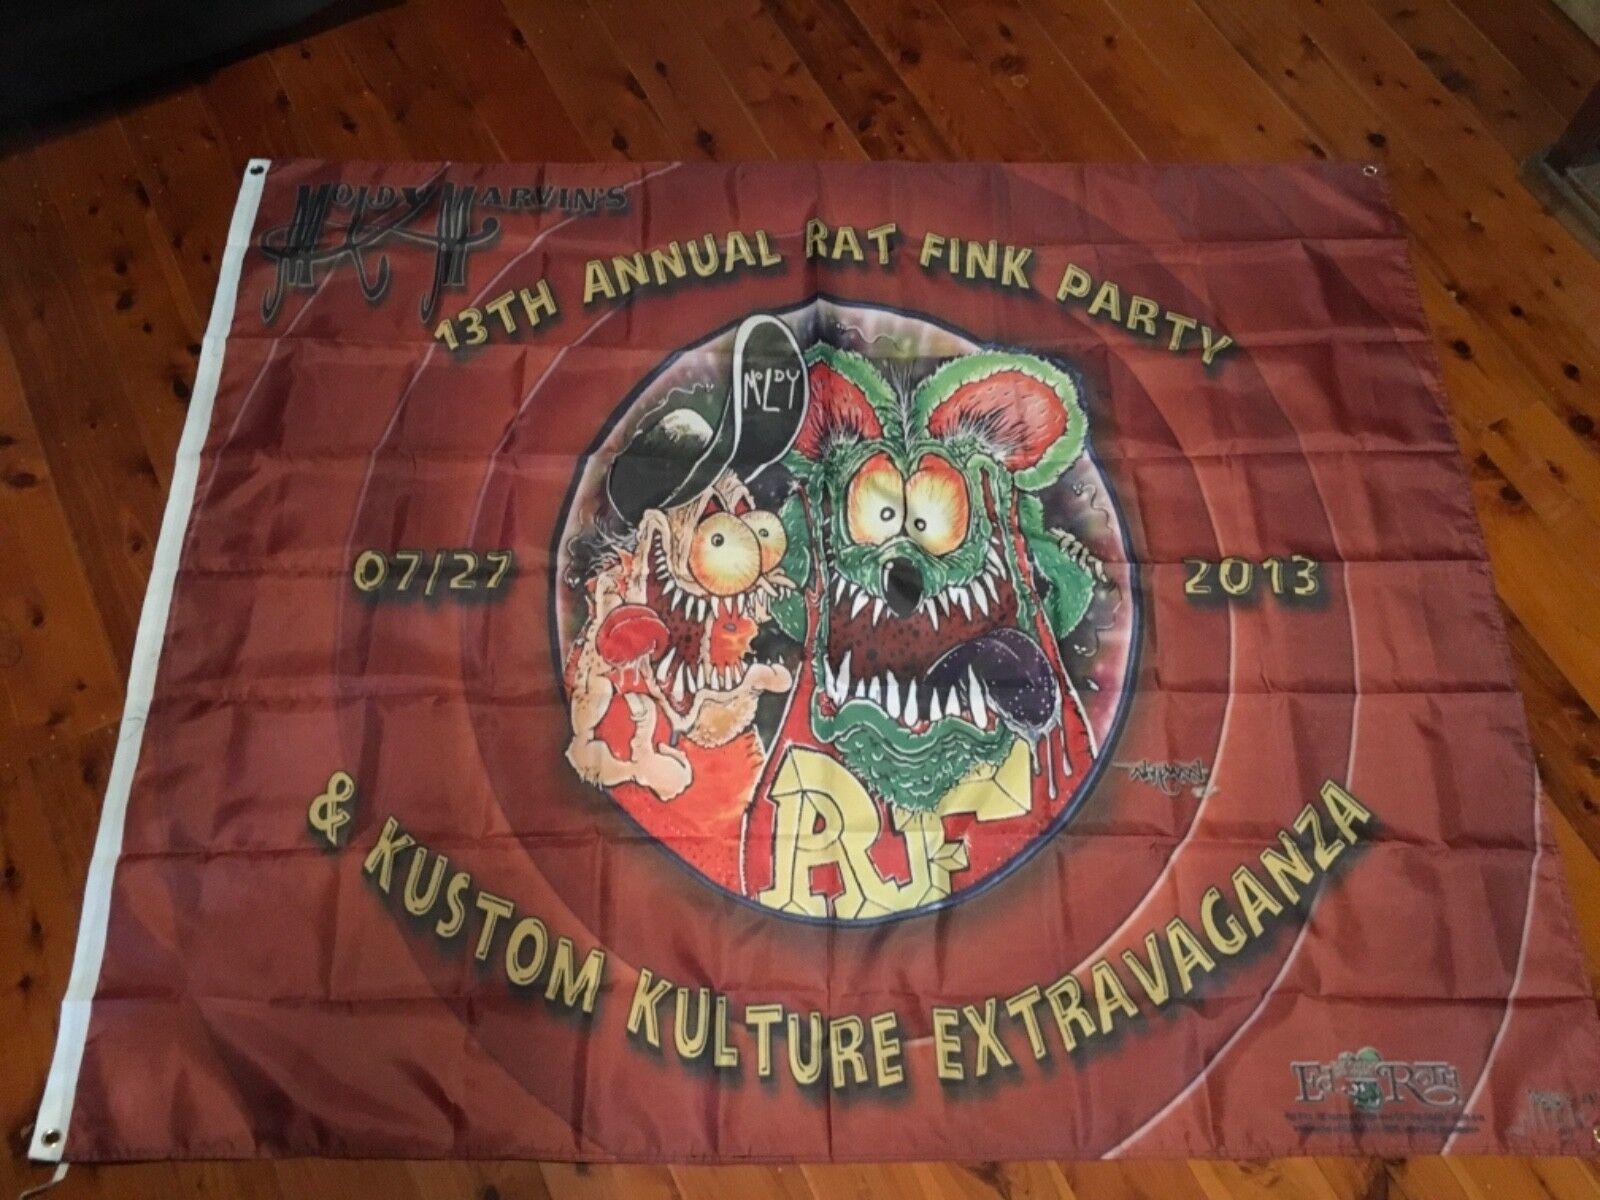 Rat fink ed Roth fugly Man cave poster flag harley Mc Huge 6x5 foot outlaw biker